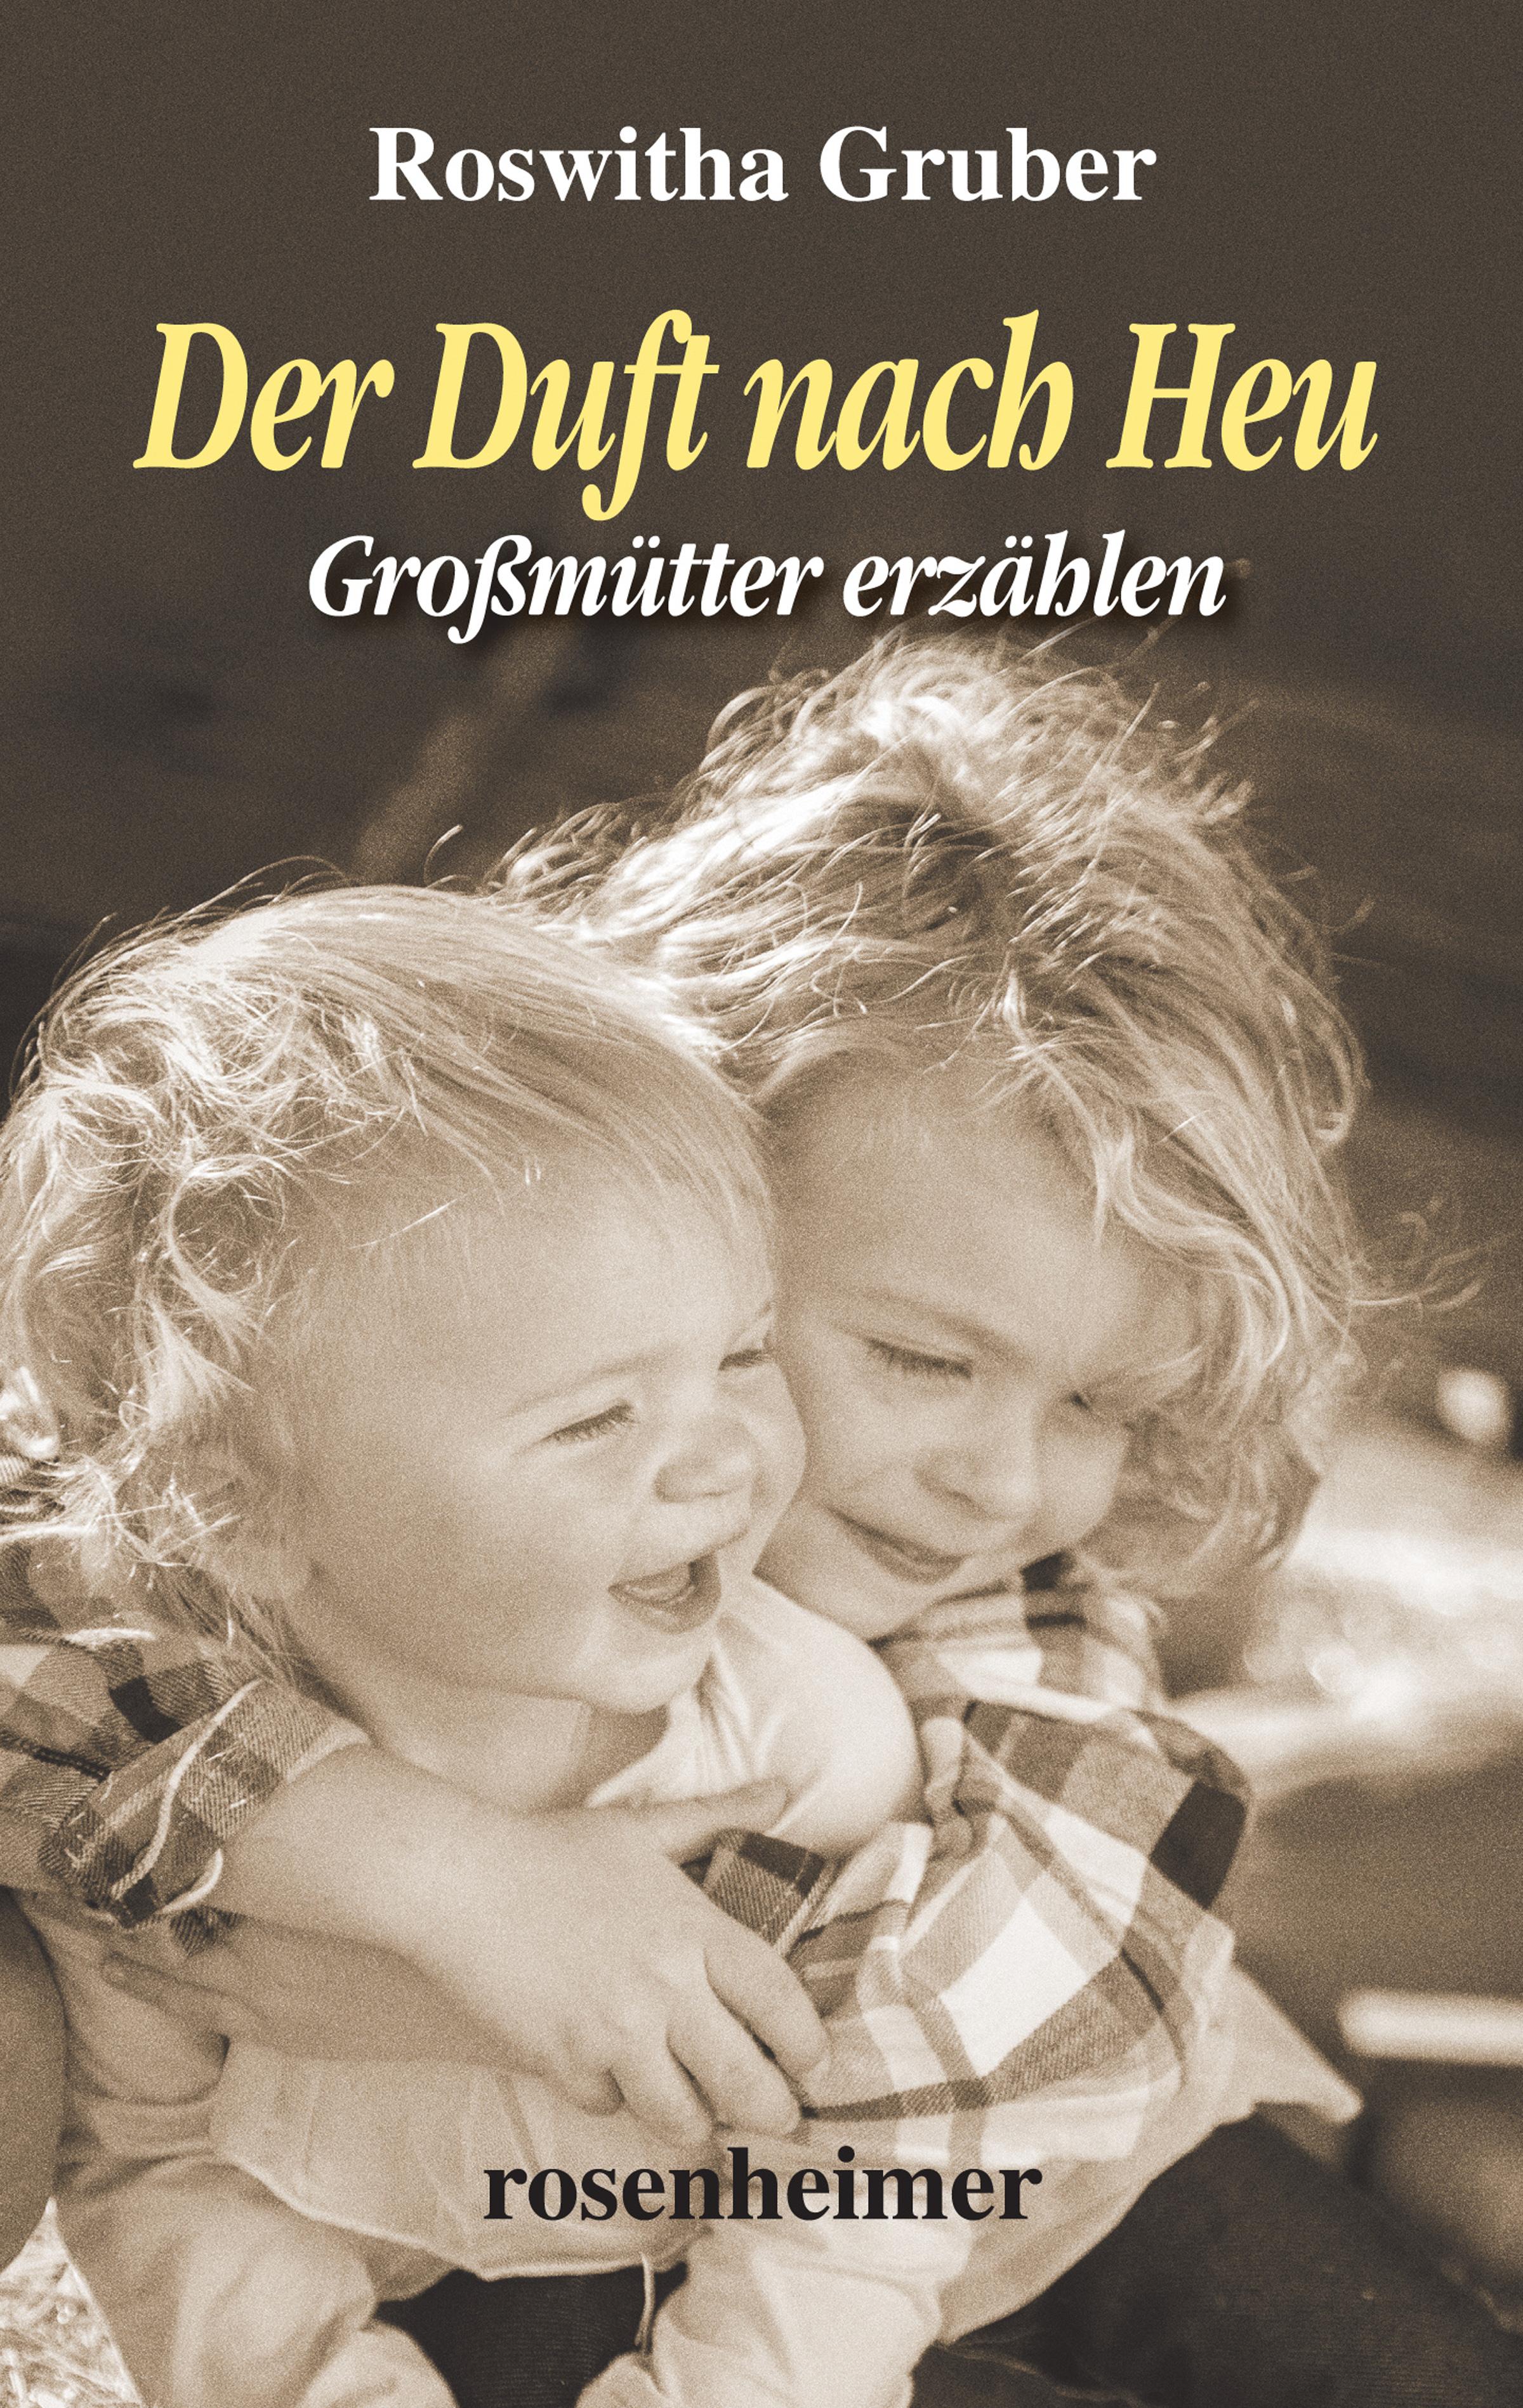 Roswitha Gruber Der Duft nach Heu - Großmütter erzählen